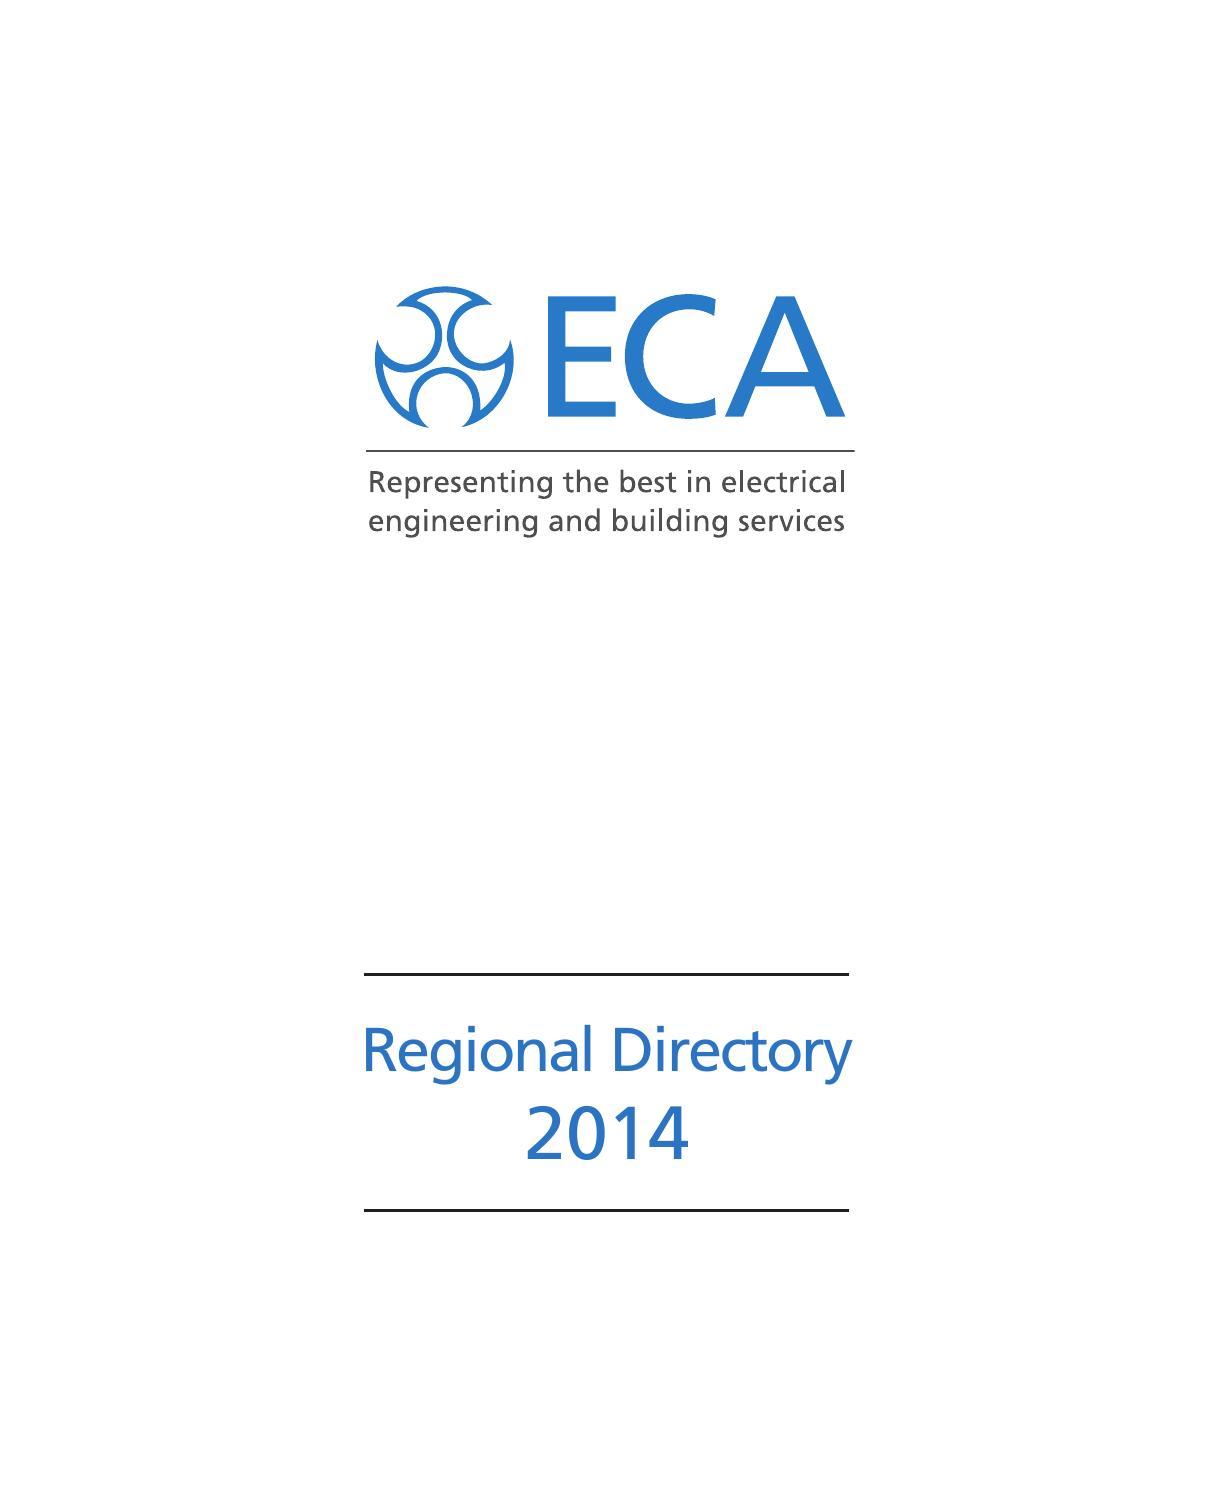 Eca Regional Directory 2014 By Eca1 Issuu